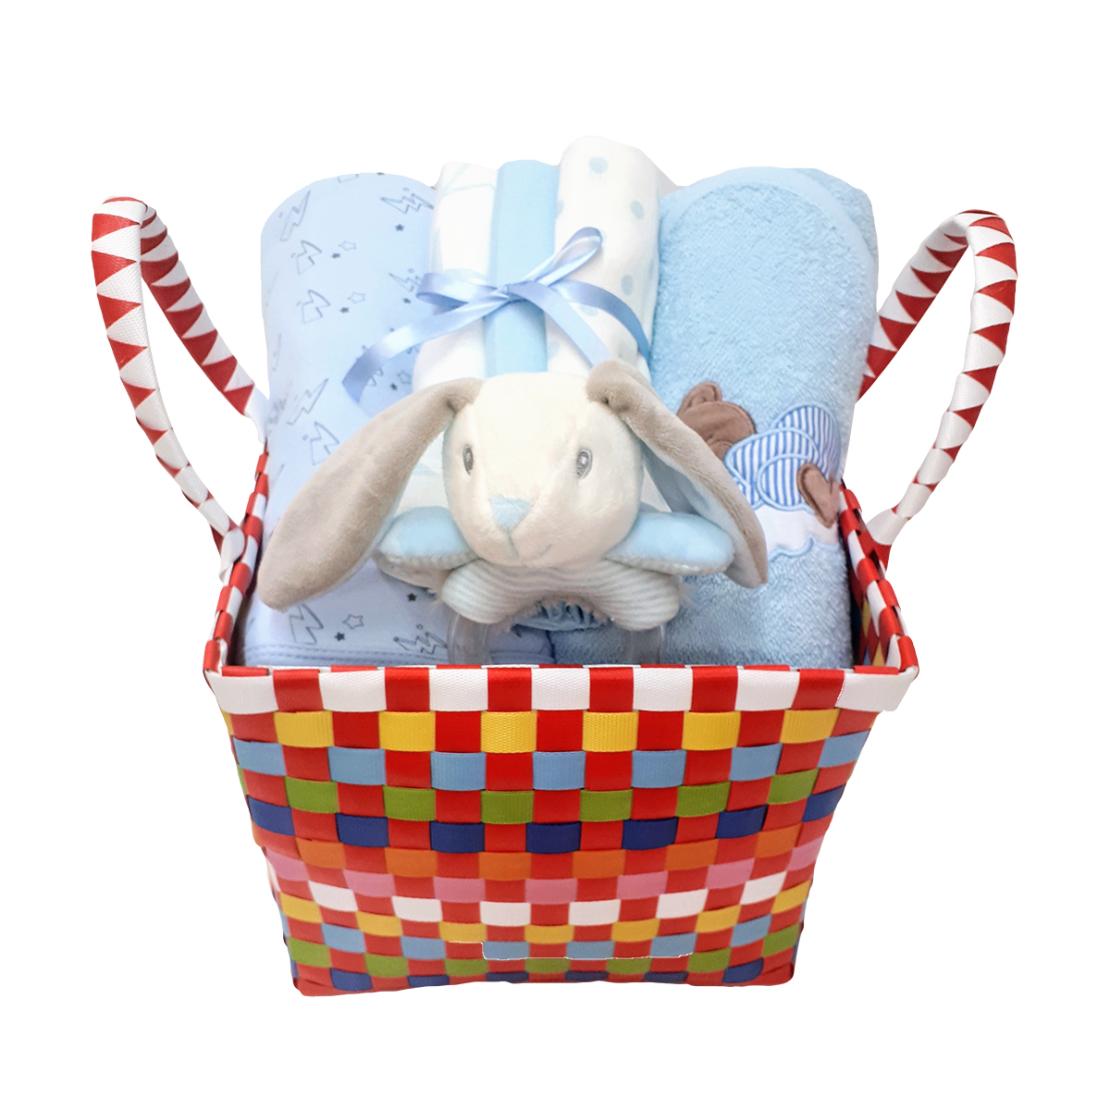 10# - מתנה לתינוק המאושר : שמיכה, קפוצ'ון מגבת, שלישיית חיתולי טטרה ורעשן טבעת בסל צבעוני קלוע